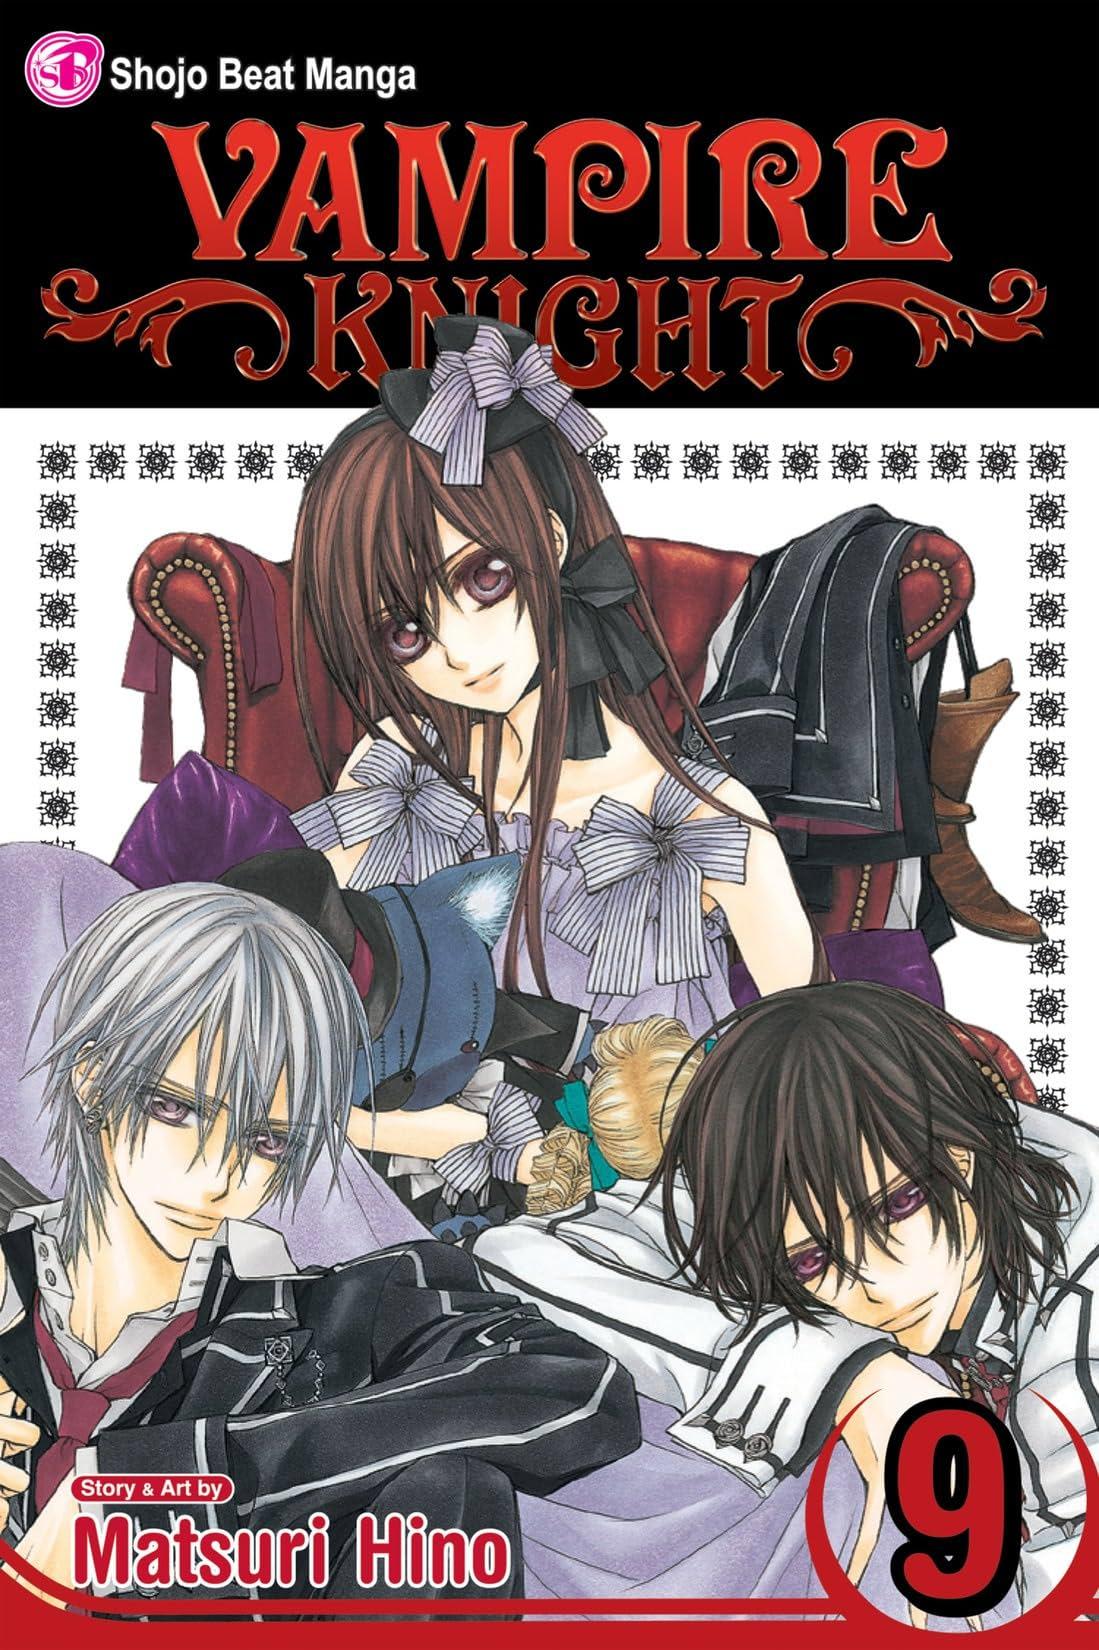 Vampire Knight Vol. 9